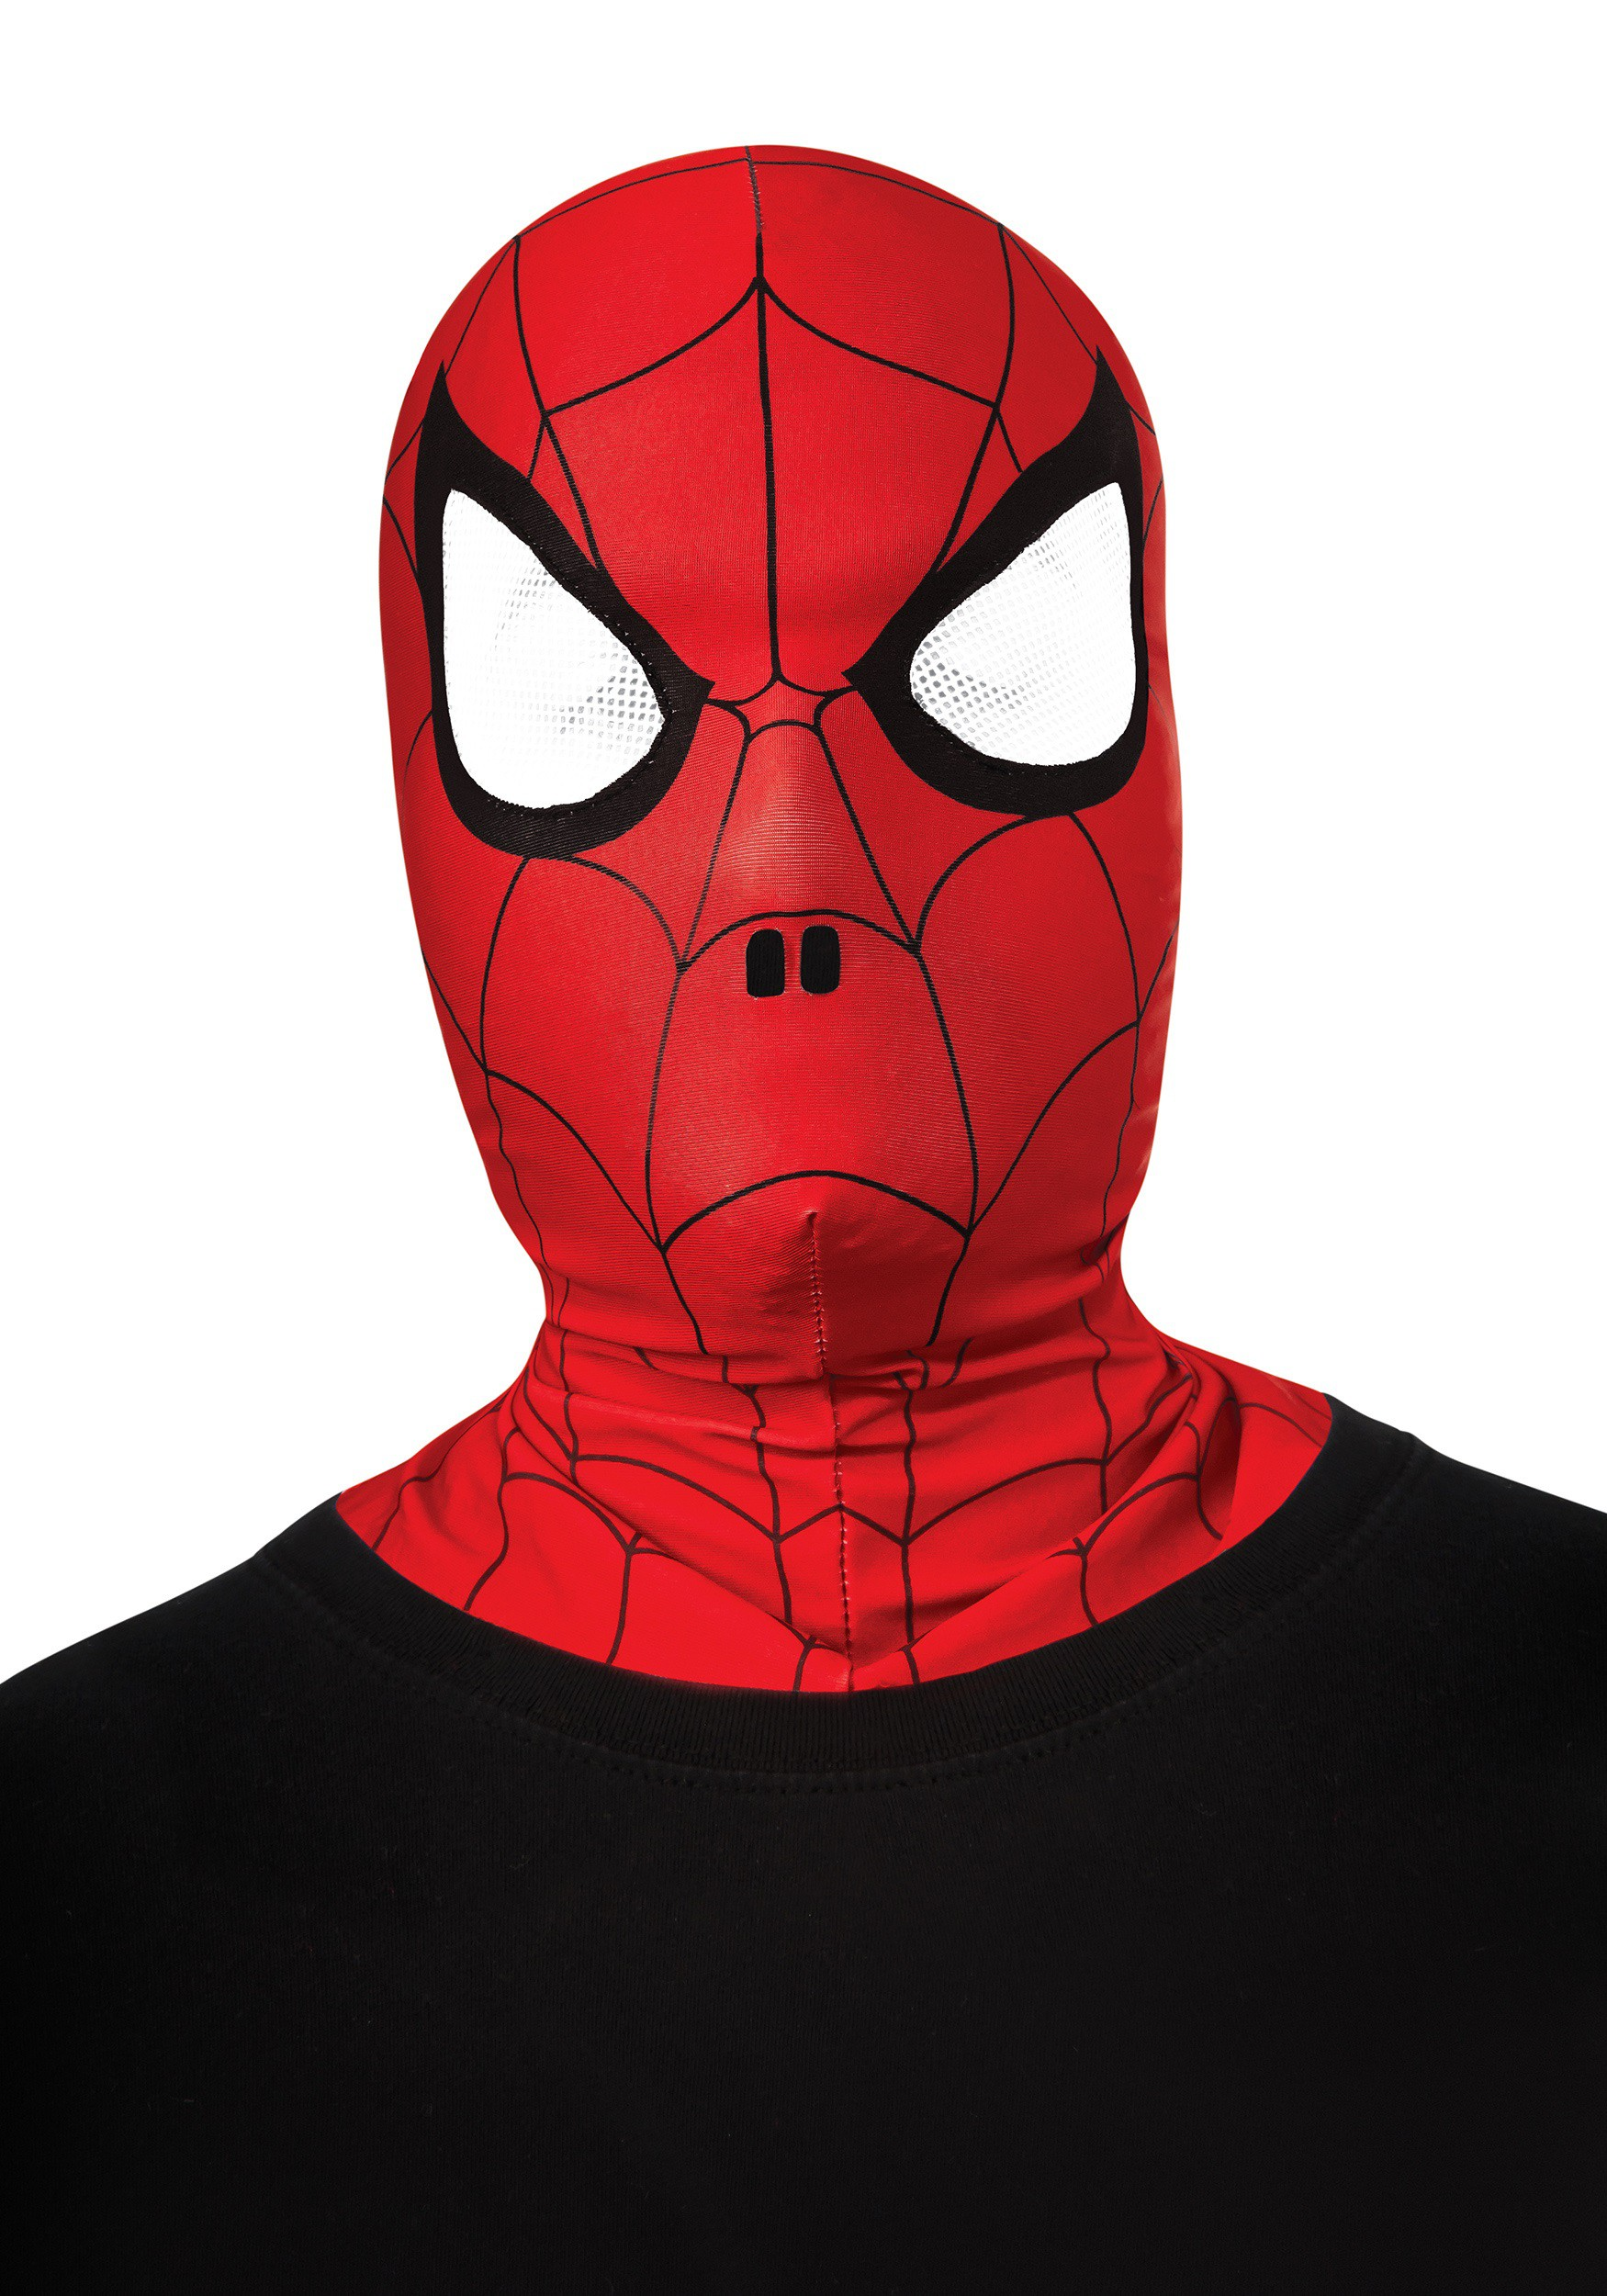 Child Overhead Spider-Man Mask RU35635